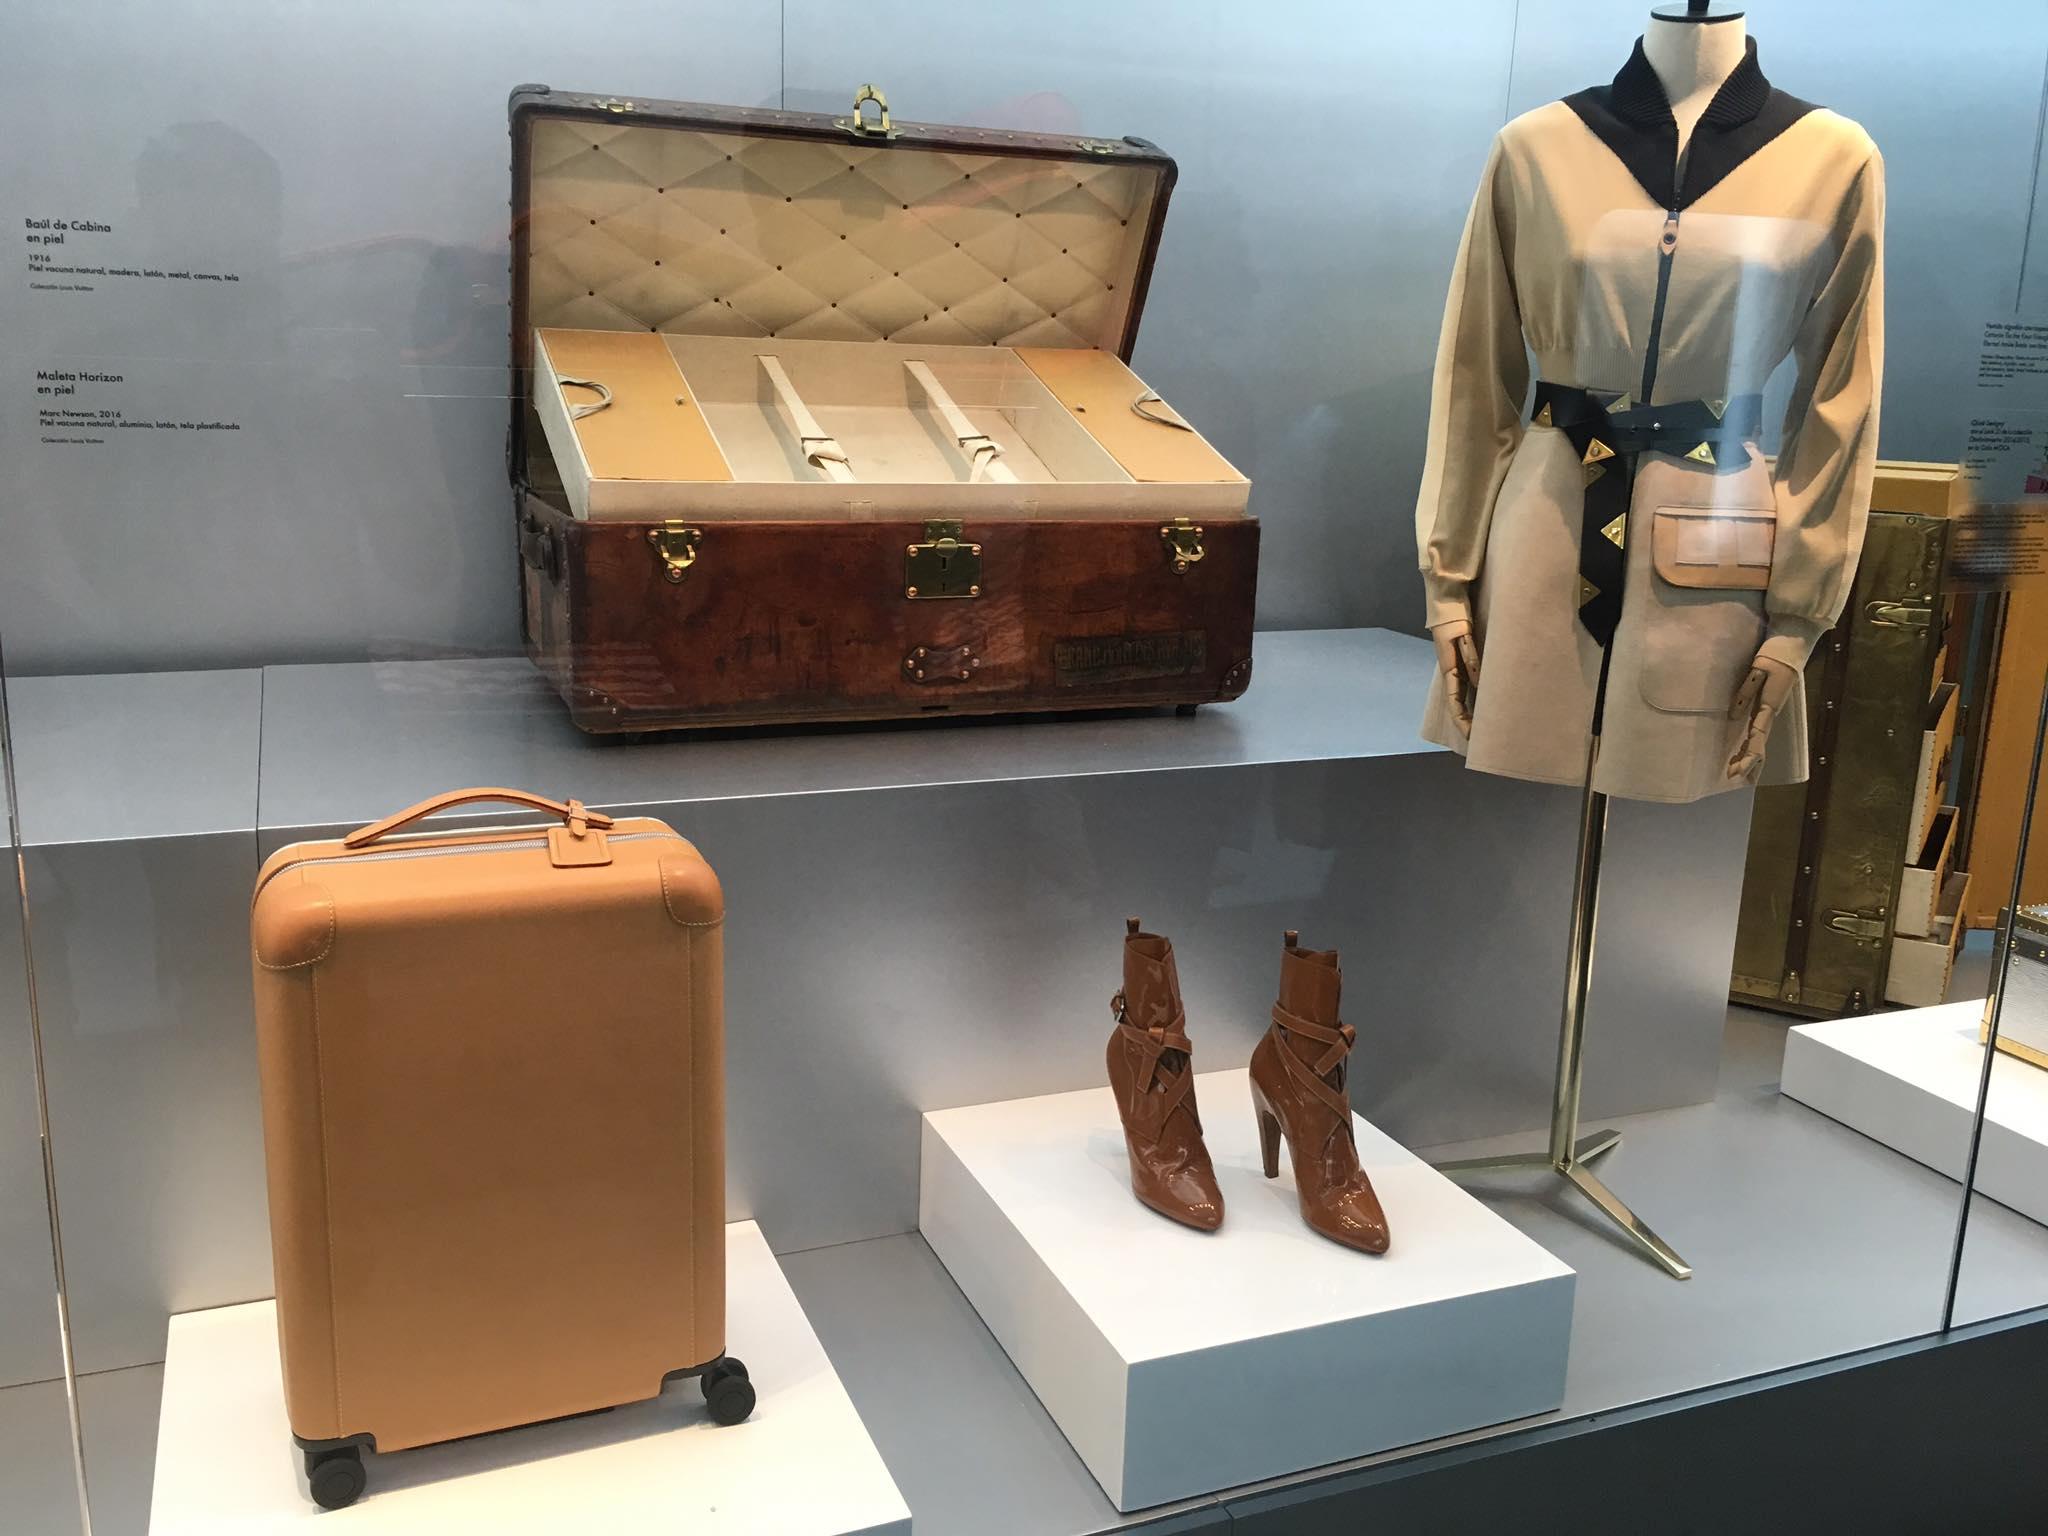 Klær Louis Vuitton utstilling Time Capsule